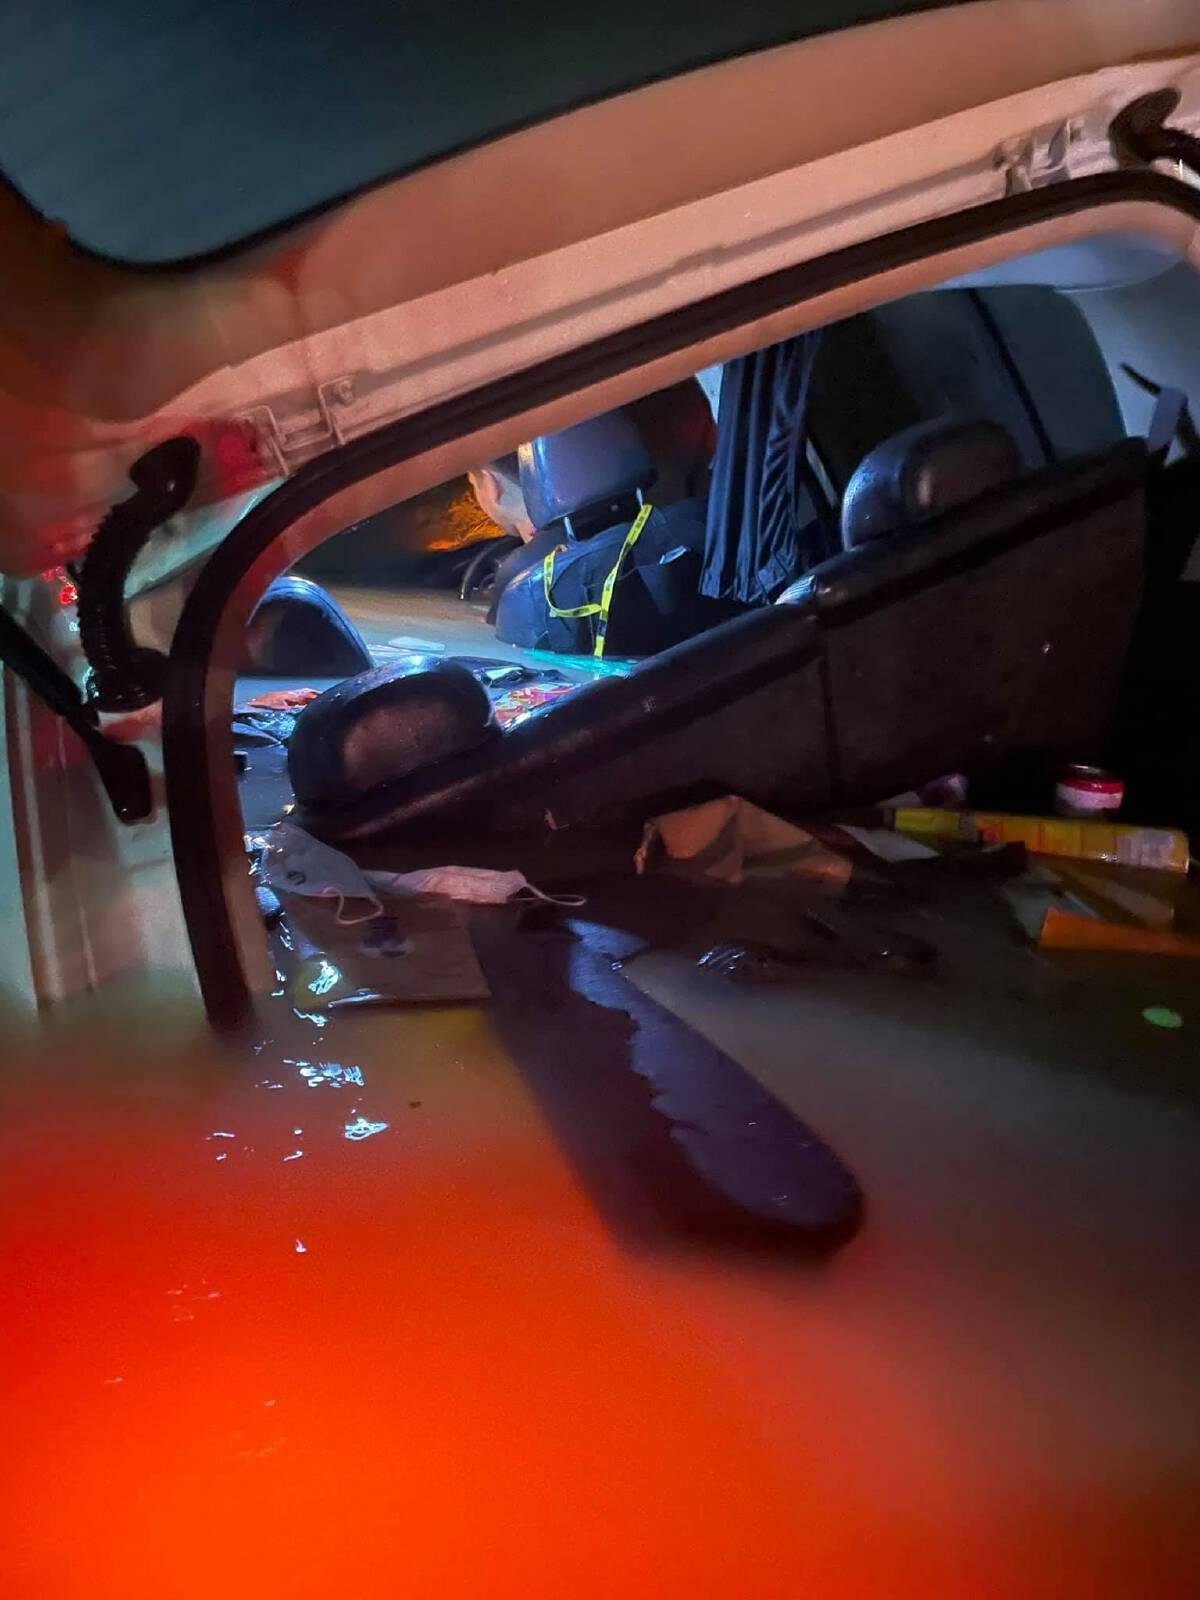 ผู้ประกาศข่าวสาว เผยนาทีเฉียดตาย รถดับ กระแสน้ำพัด โชคดีกู้ภัยเข้าช่วย